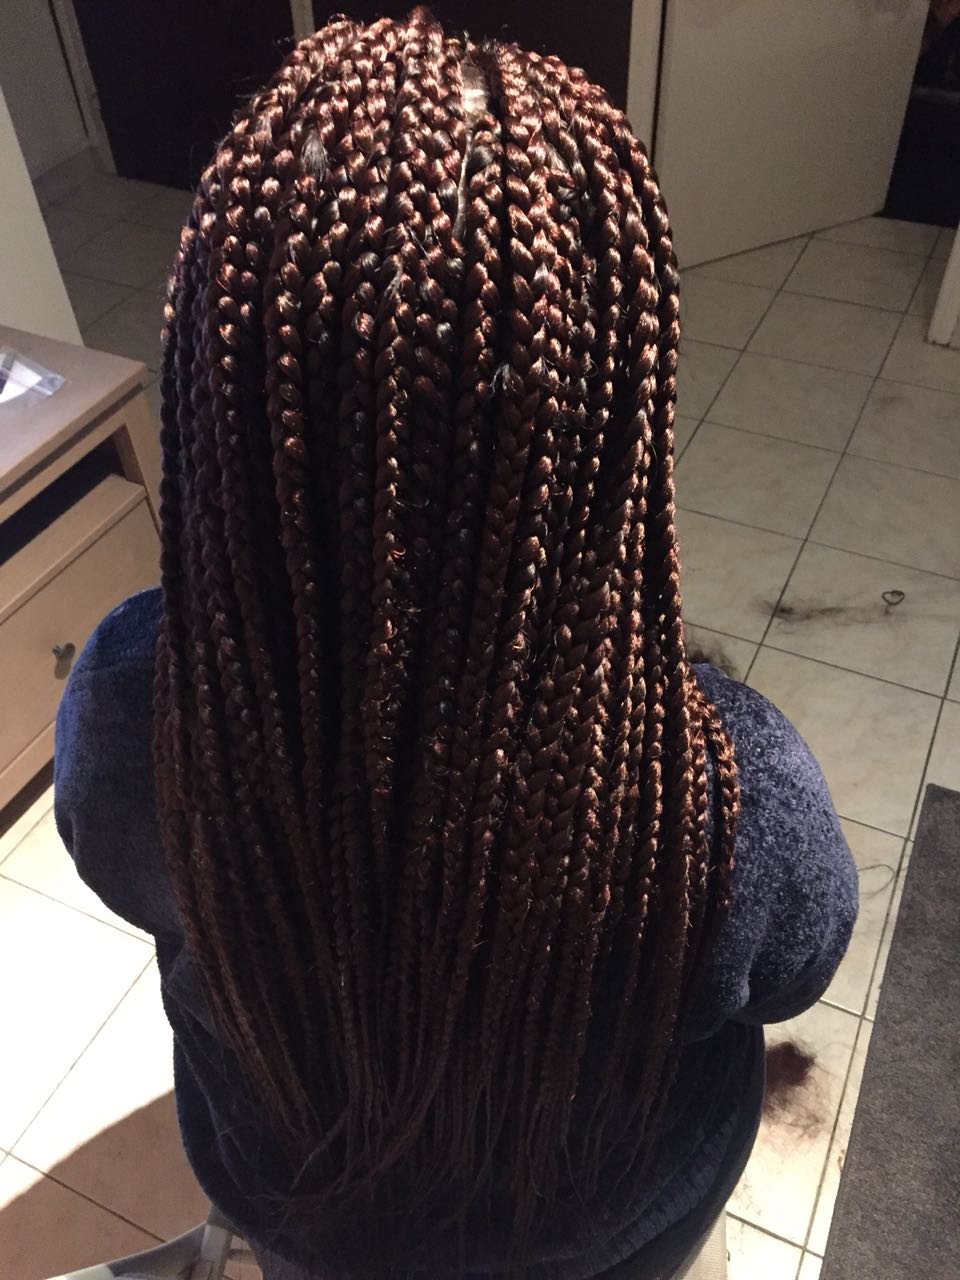 salon de coiffure afro tresse tresses box braids crochet braids vanilles tissages paris 75 77 78 91 92 93 94 95 PHEUDNWL